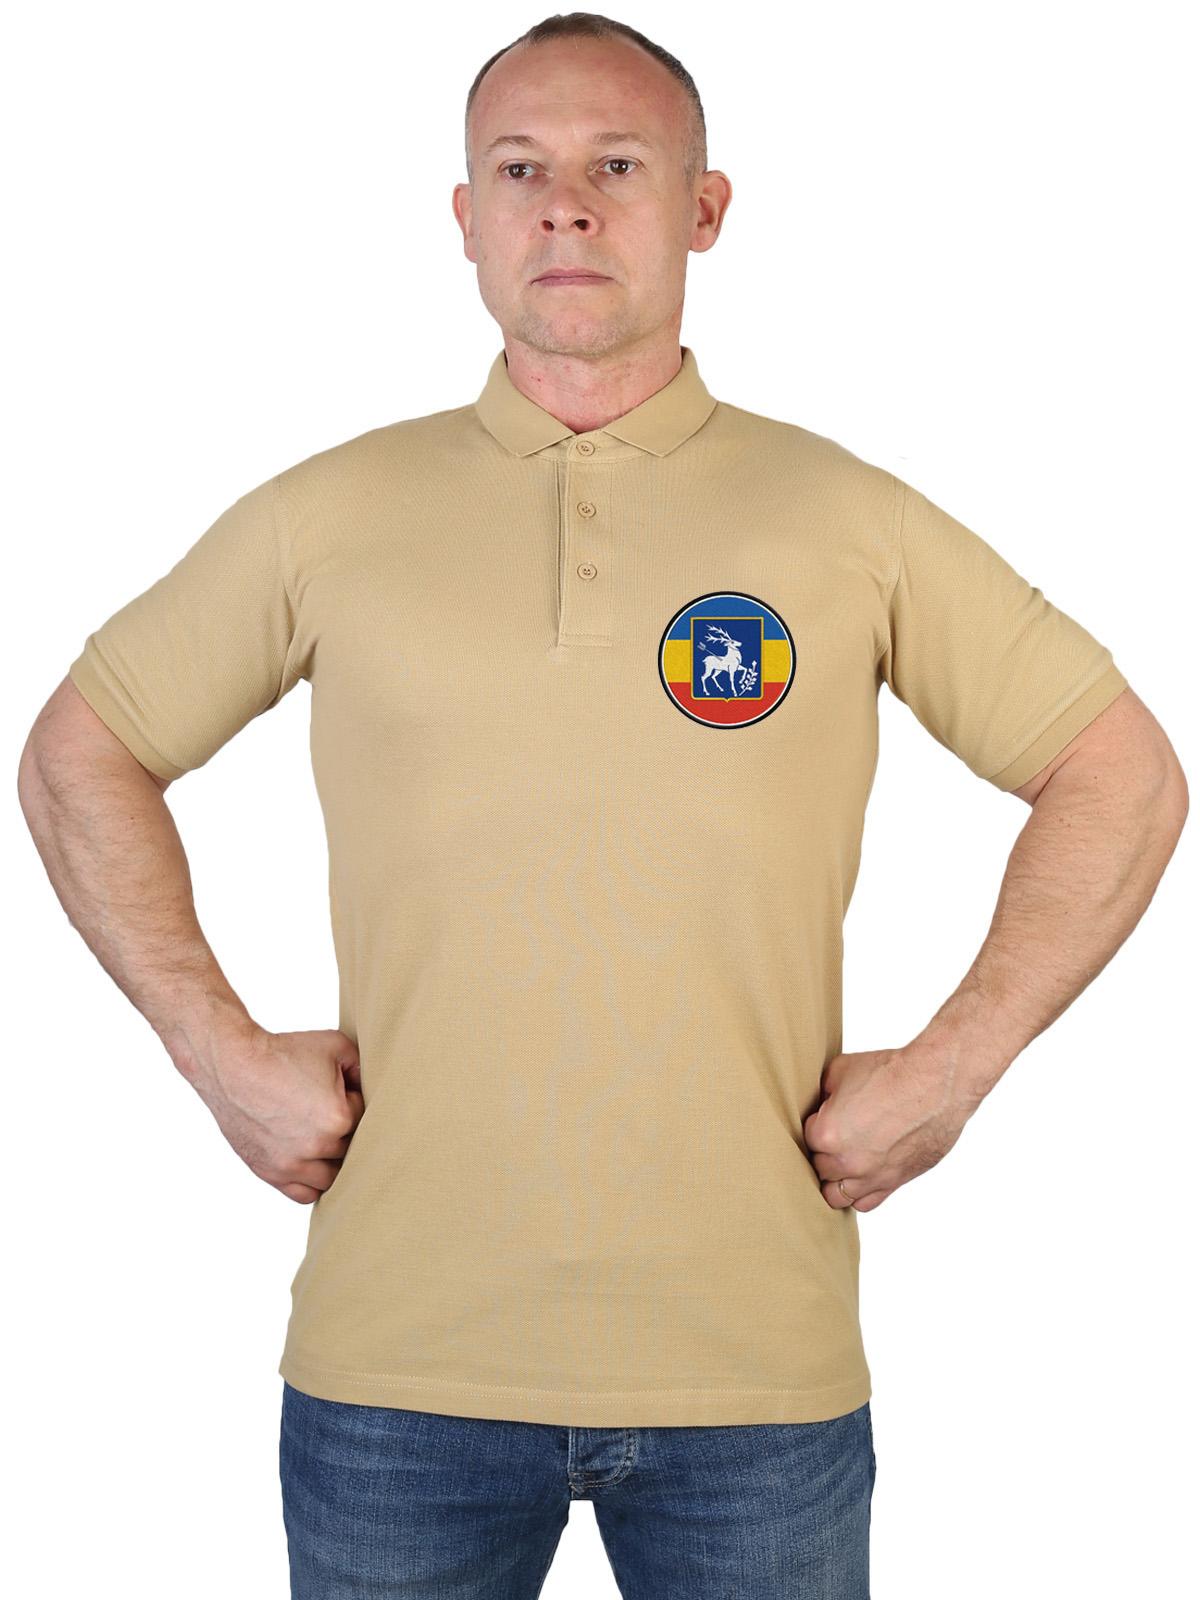 Купить оригинальную хлопковую футболку-поло с казачьей вышивкой онлайн